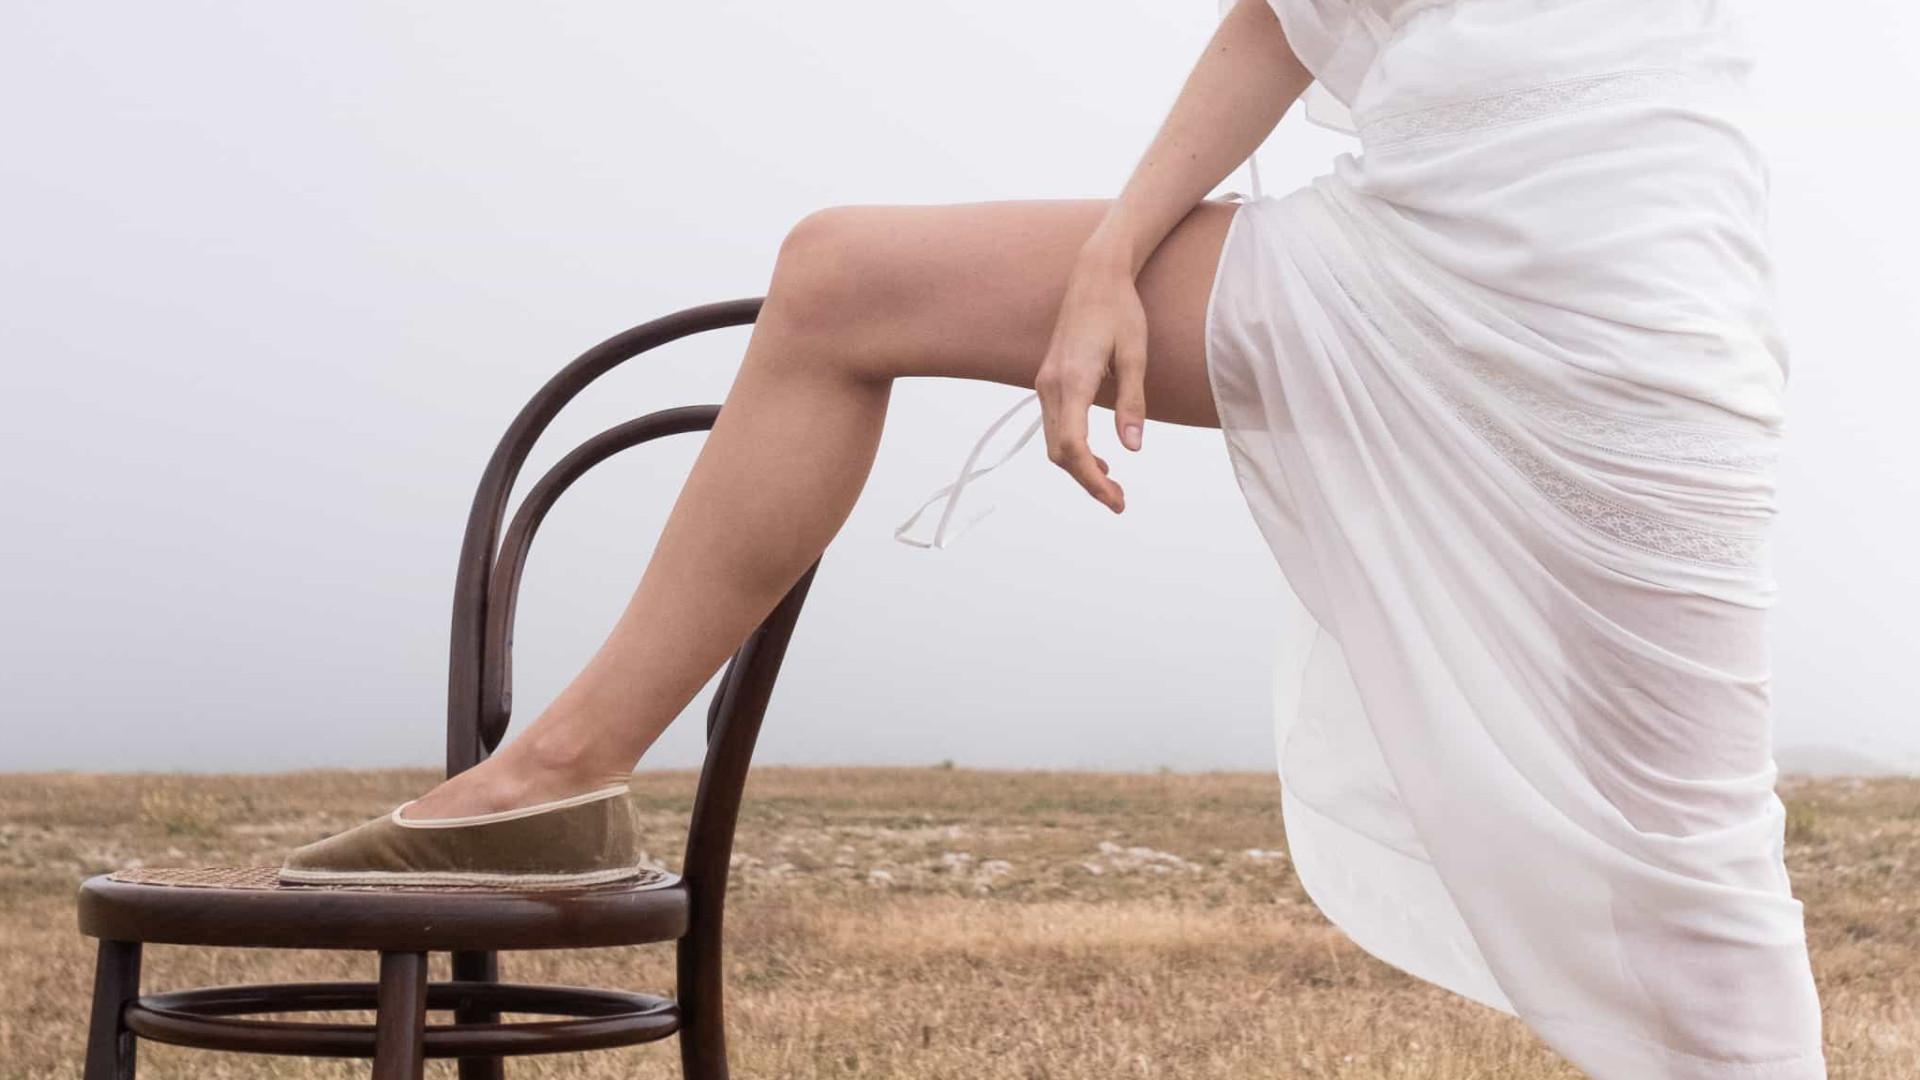 FRIULI. Marca de calçado lança coleção fresca inspirada na natureza